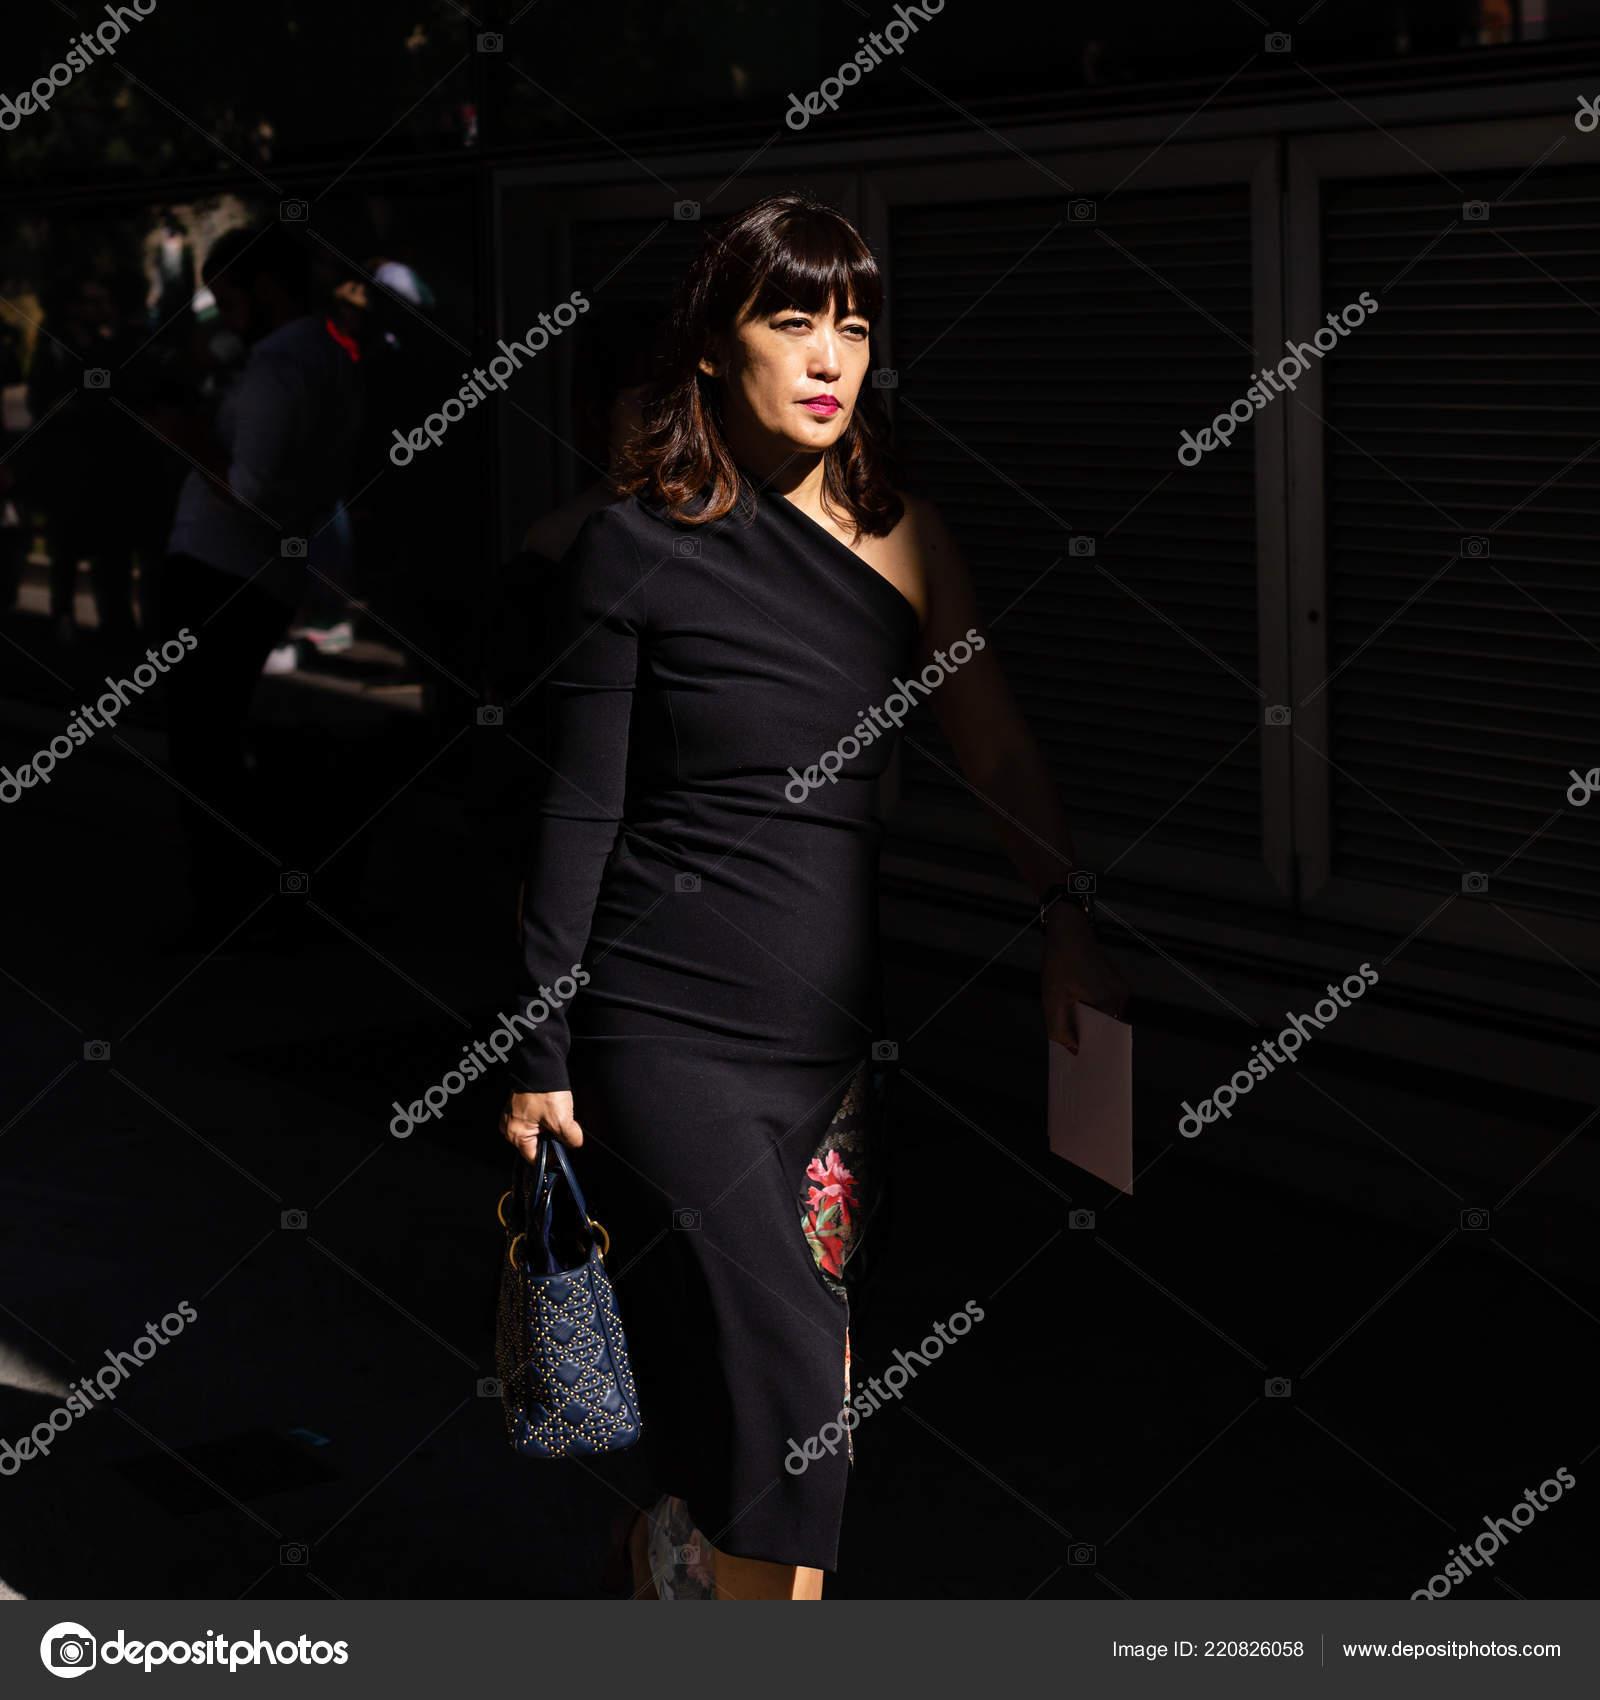 79faa77102b43 Milão, Itália - 23 de setembro  Na moda mulher poses fora desfile de  Giorgio Armani durante a semana de moda de Milão feminino em 23 de setembro  de 2018 em ...